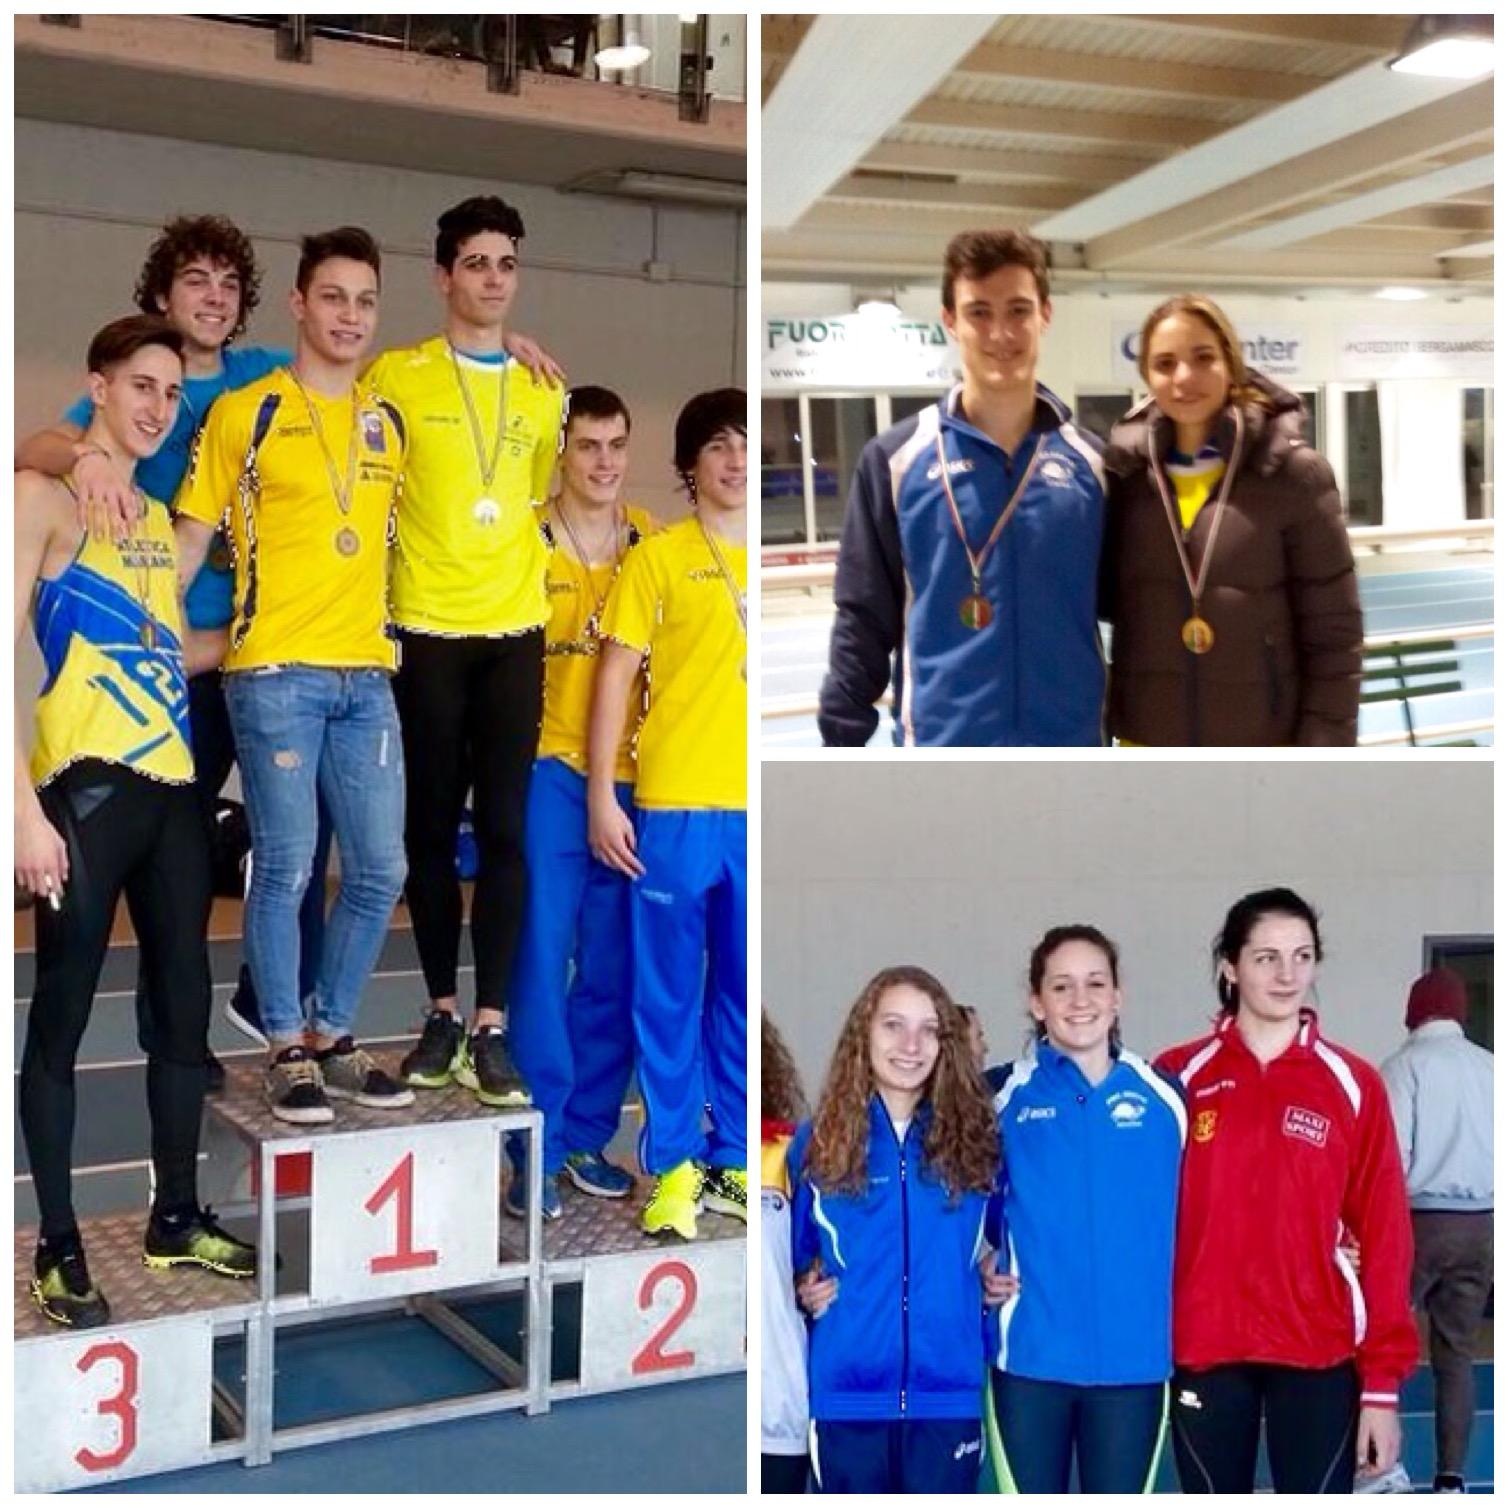 Campionati Regionali Allievi/e  7-8 Febbraio 2015 Bergamo e Saronno